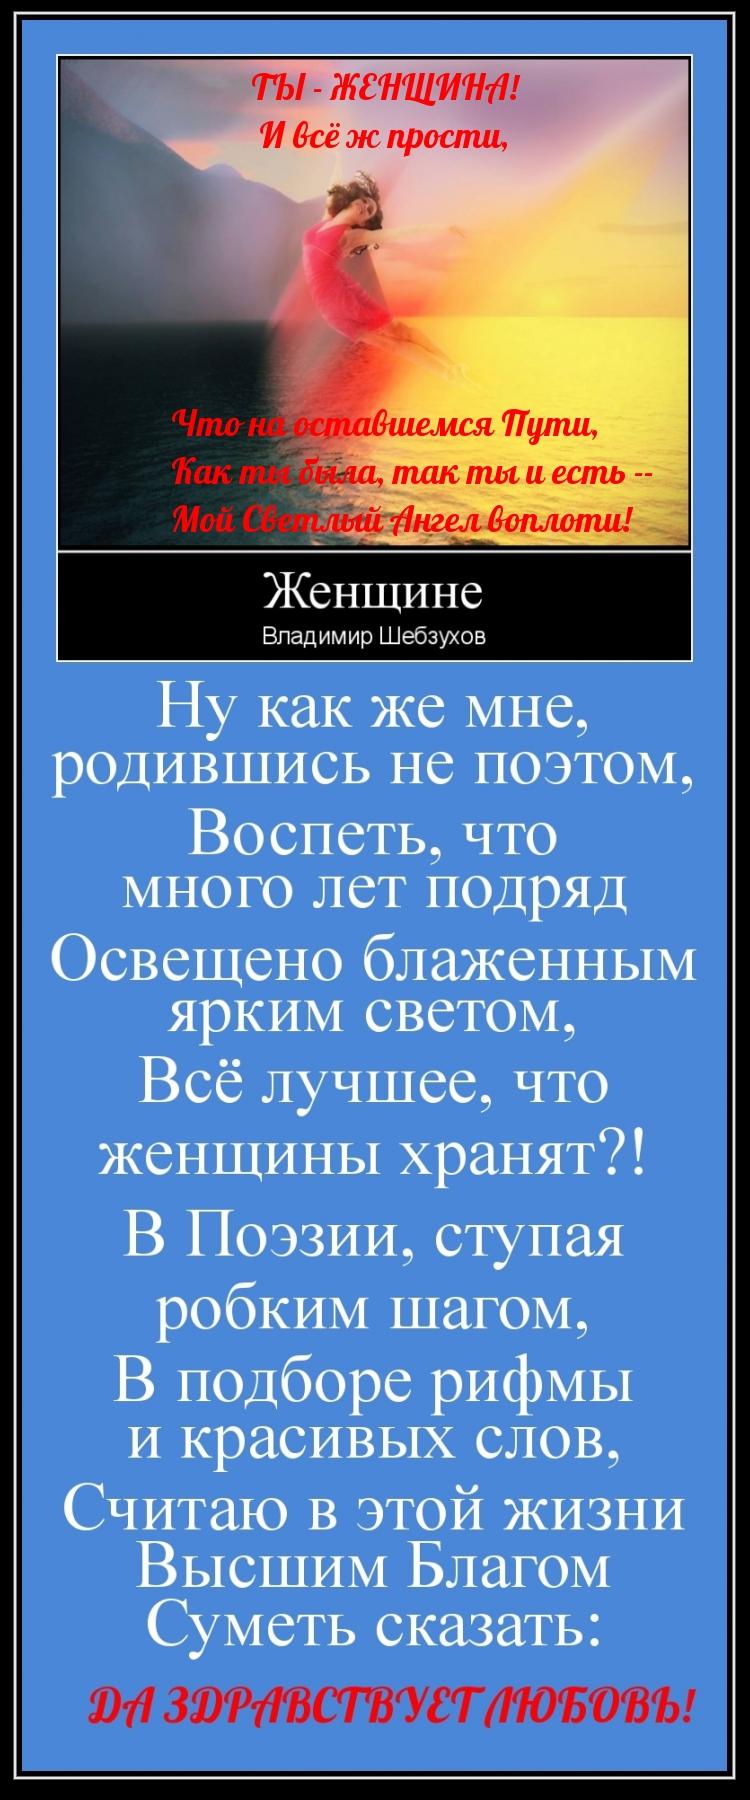 Владимир Шебзухов Женское - Страница 3 Zoz-ee10